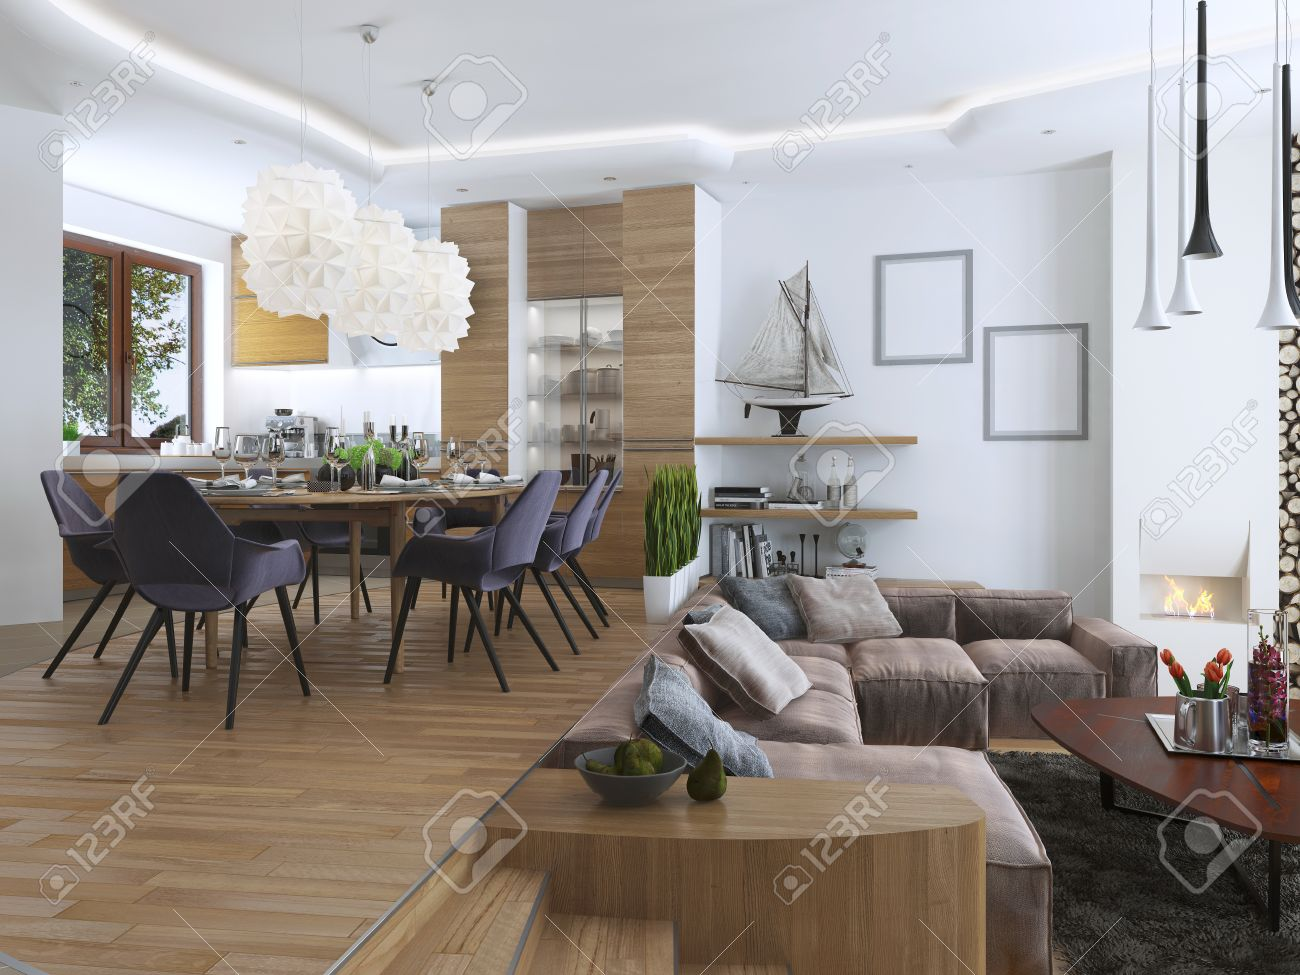 monolocale con soggiorno e sala da pranzo in stile contemporaneo ... - Design Soggiorno Pranzo